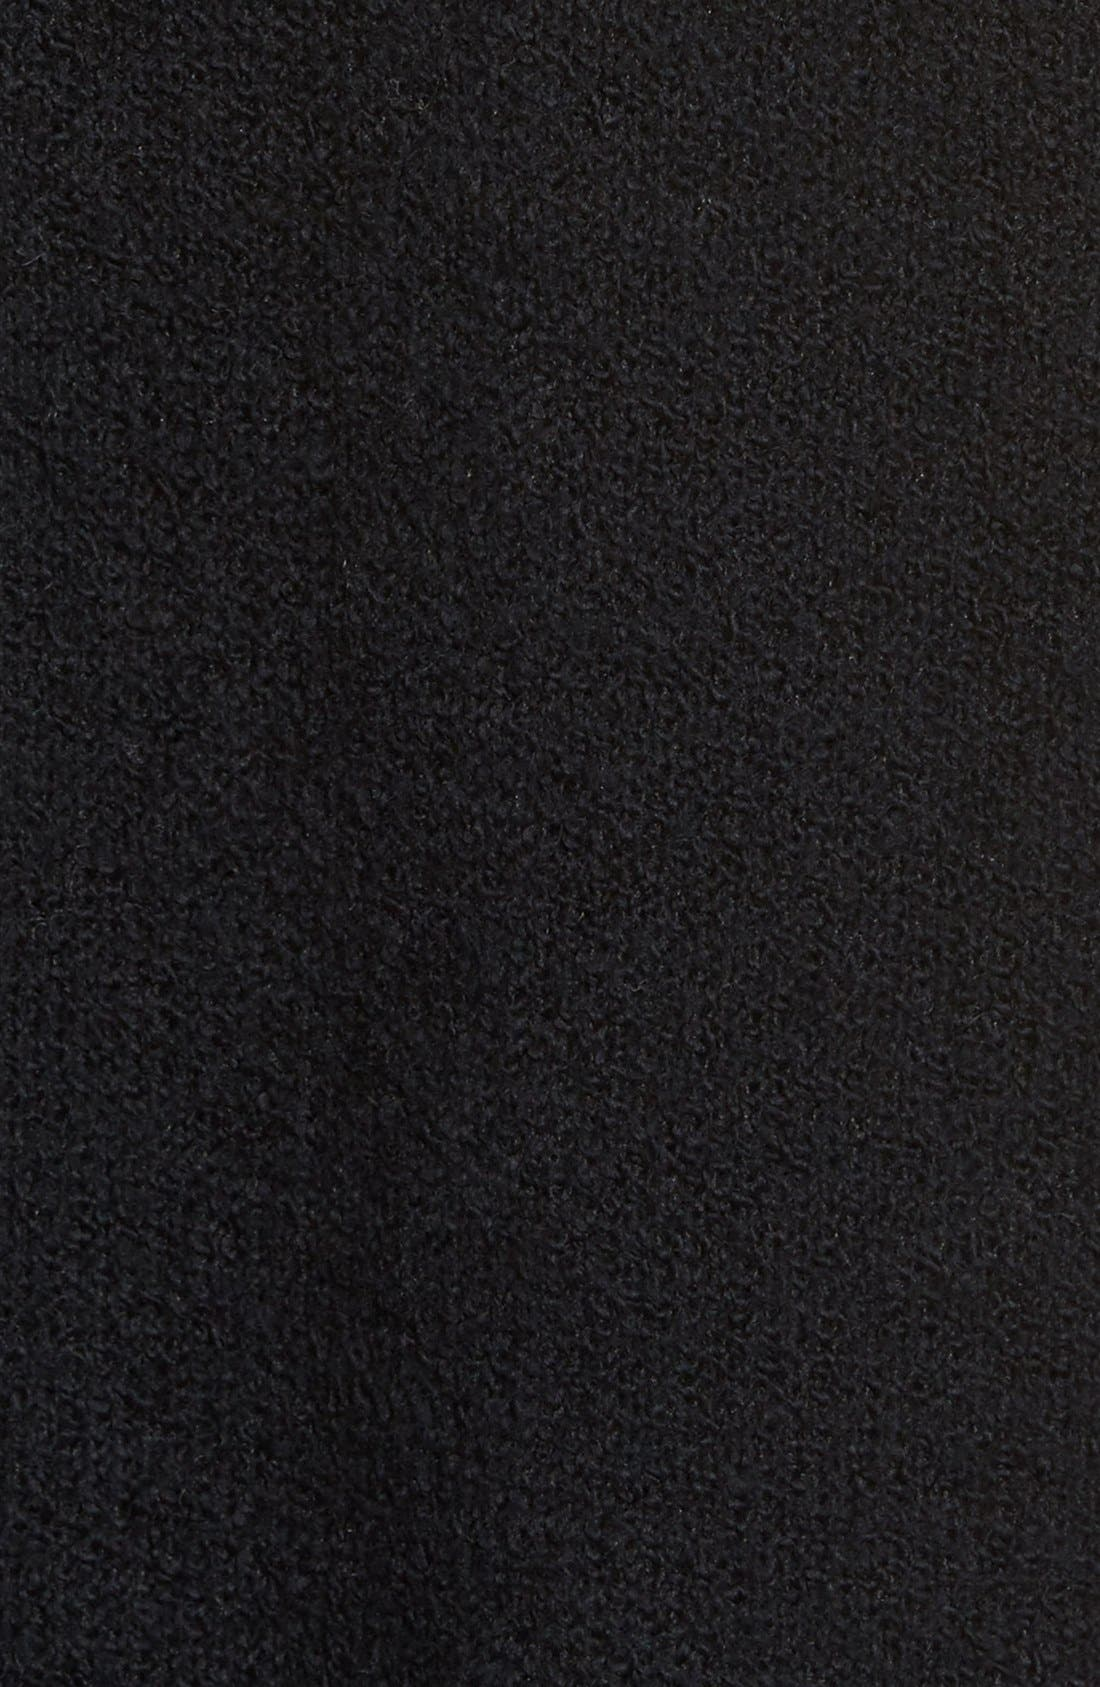 Drape Cardigan,                             Alternate thumbnail 16, color,                             BLACK